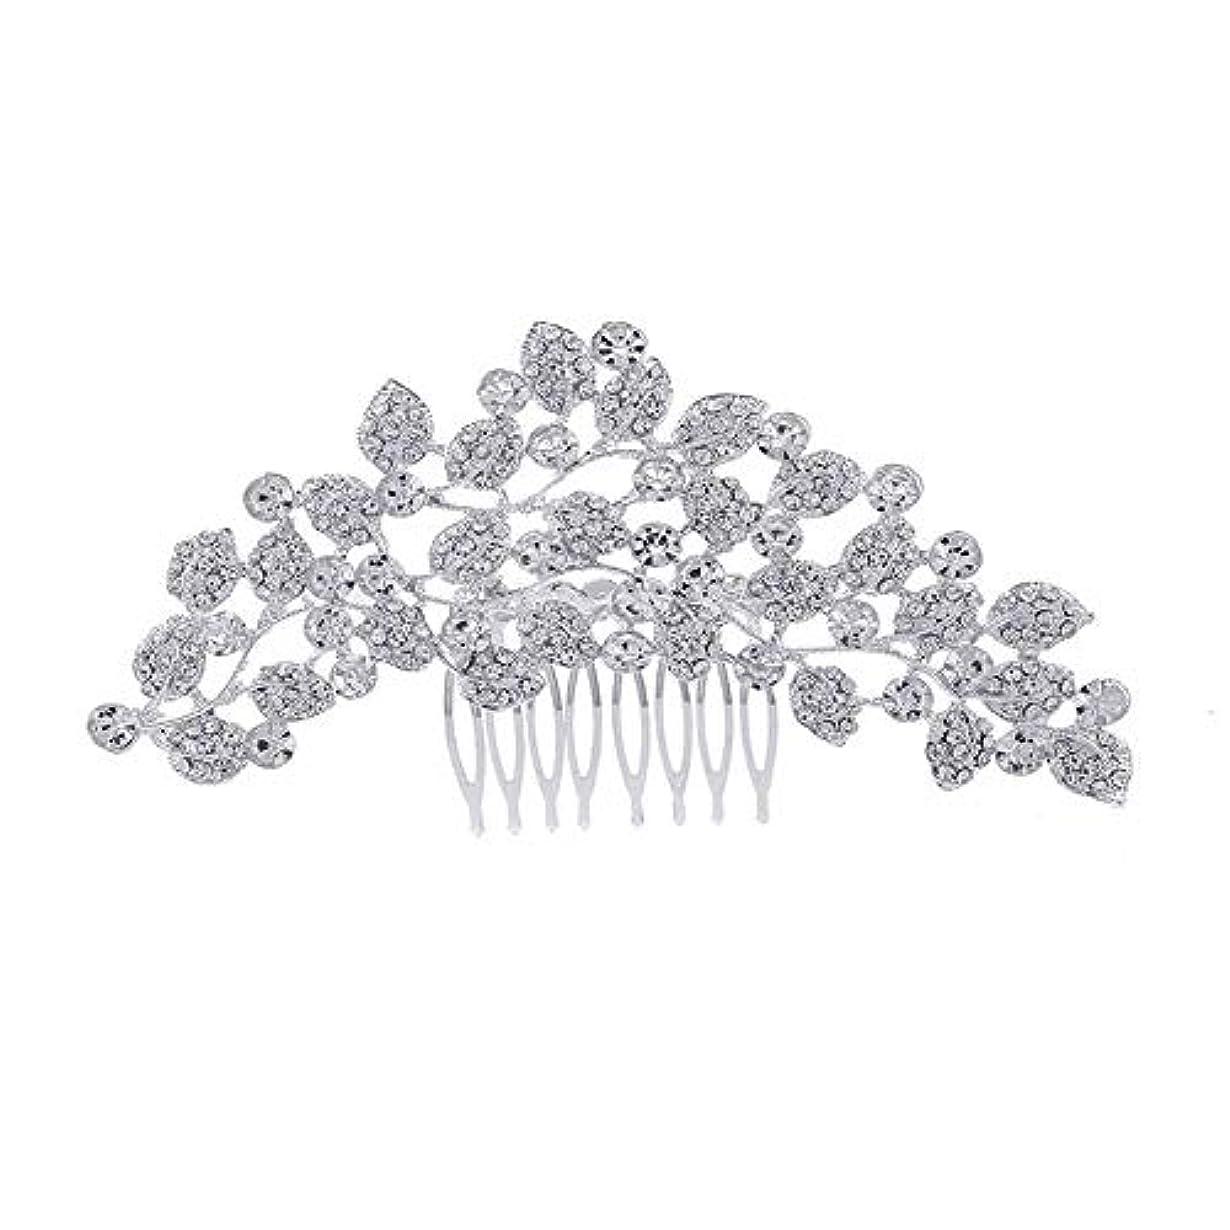 価値本部ナチュラ髪の櫛、櫛、ブライダル髪、櫛、髪の櫛、ラインストーンの櫛、葉の髪の櫛、結婚式の髪の櫛